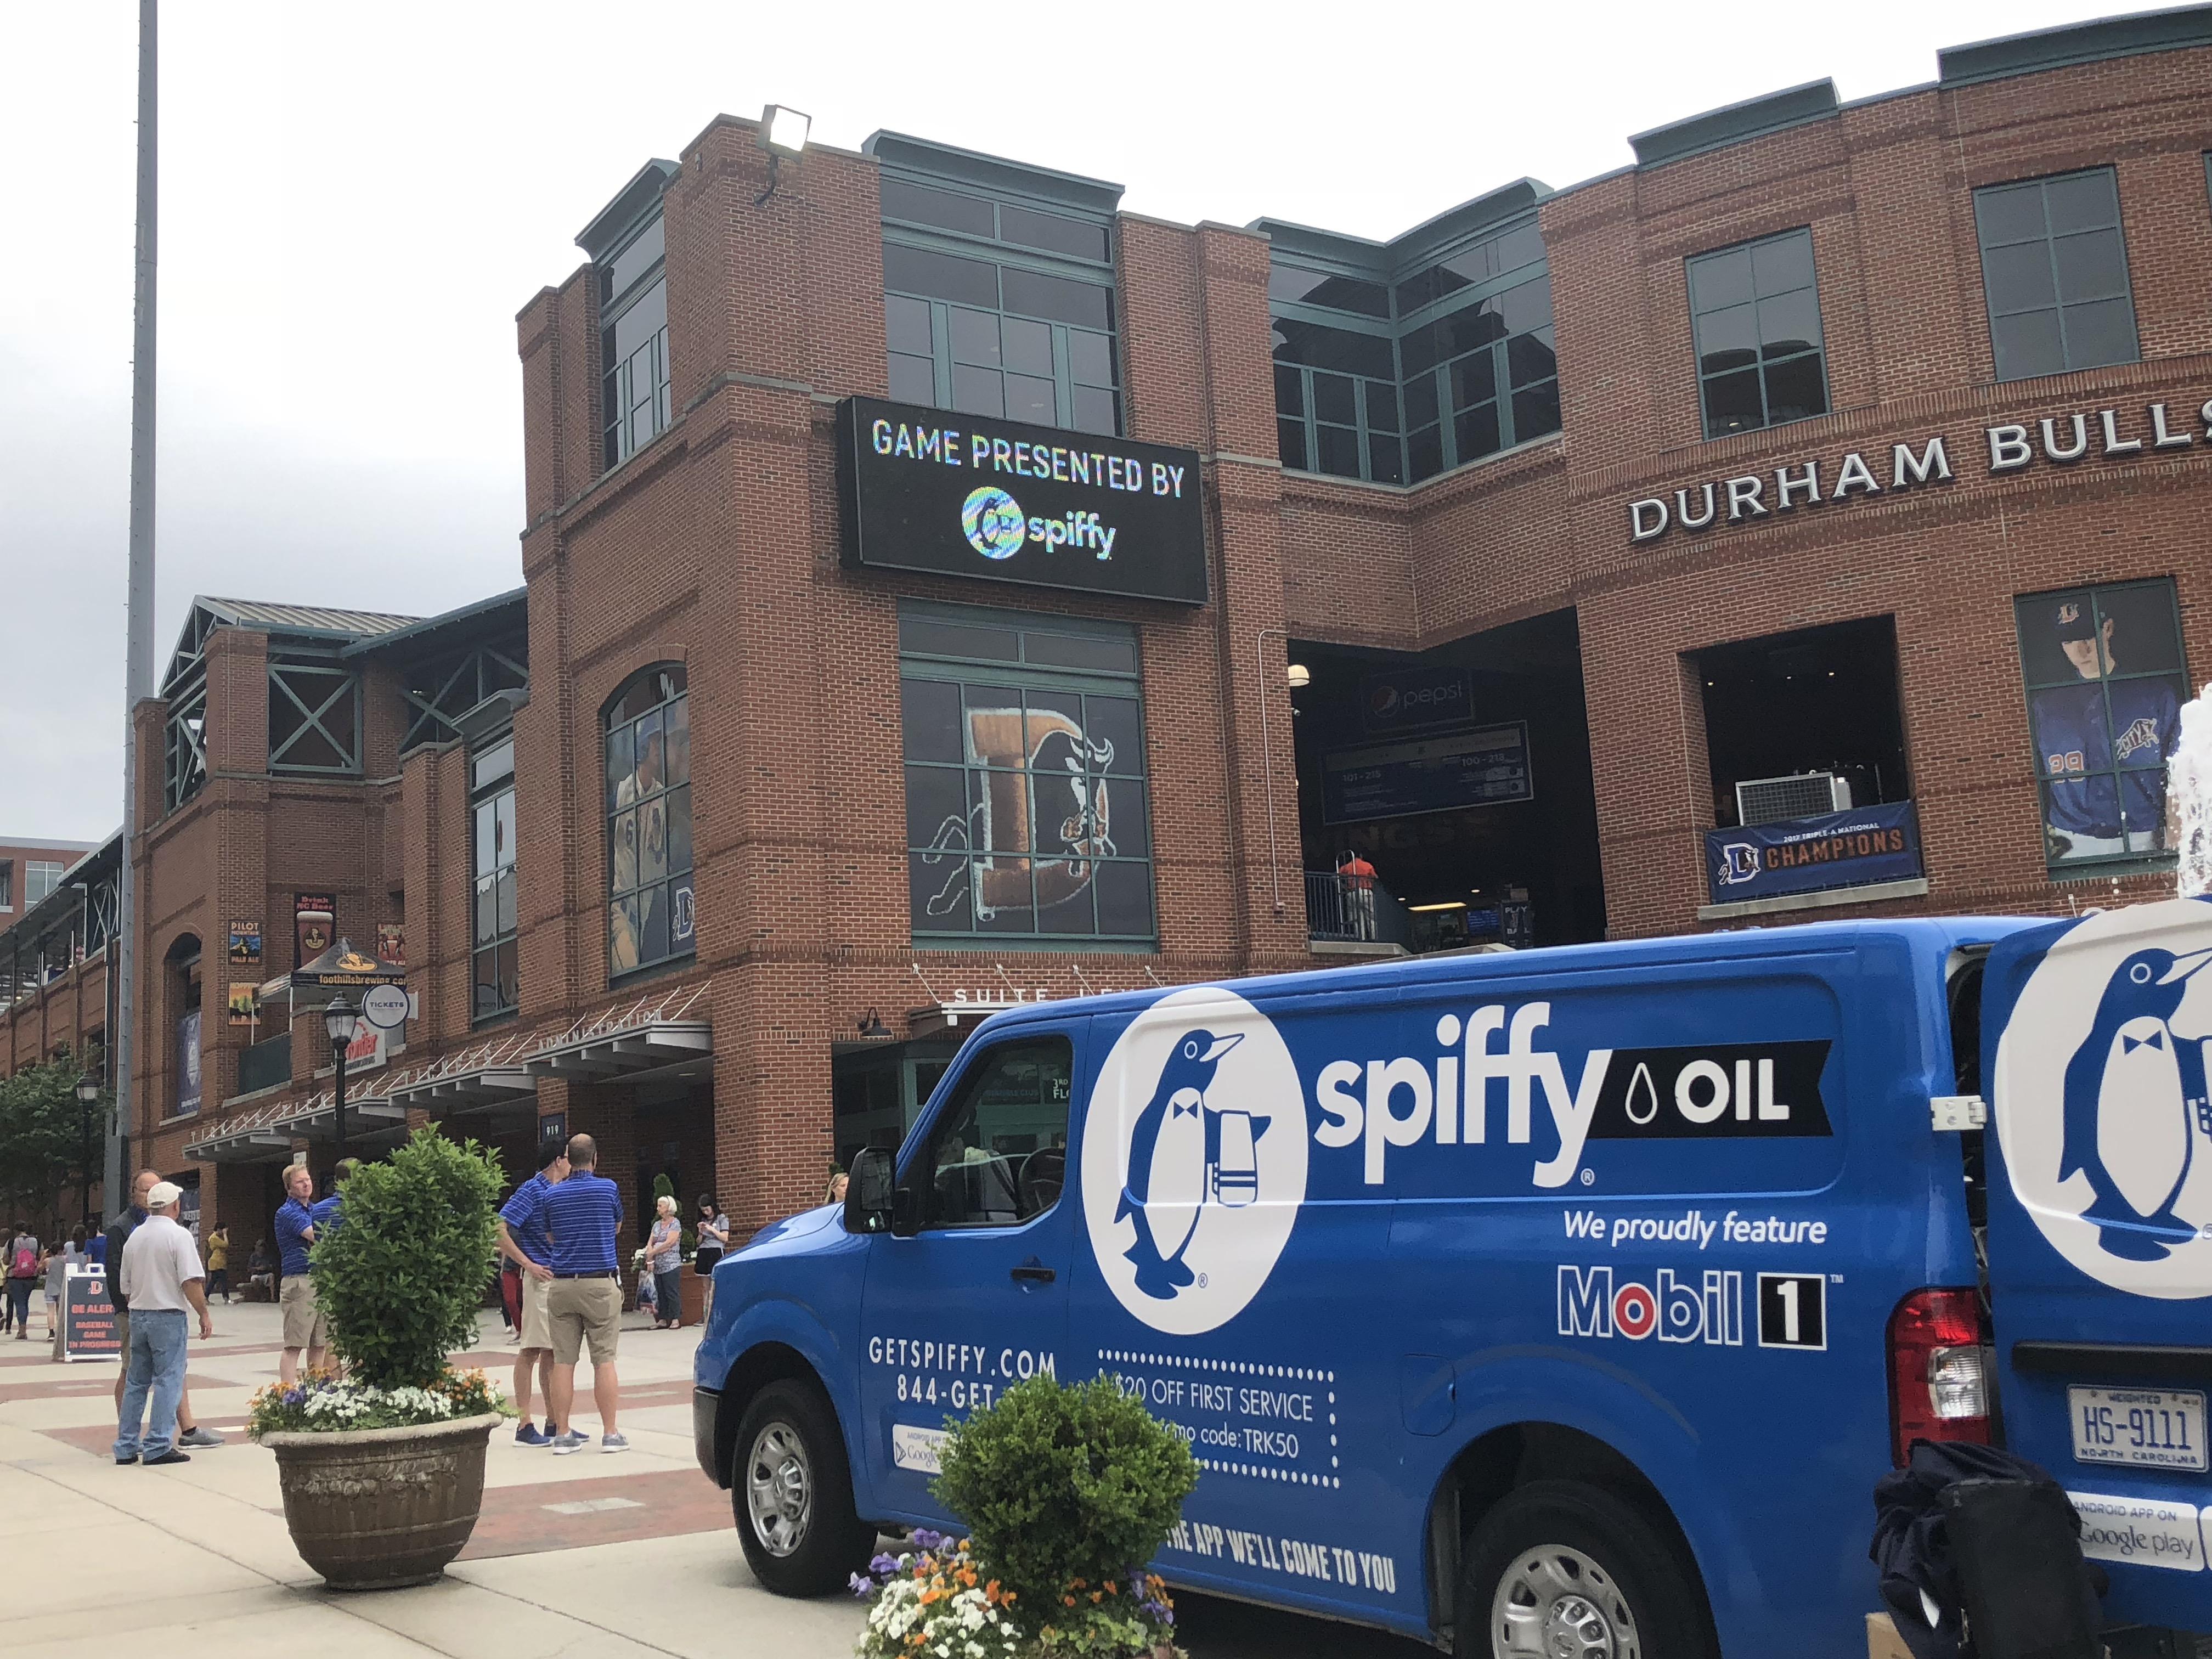 Spiffy Mobil1 outside Durham Bulls Athletic Park